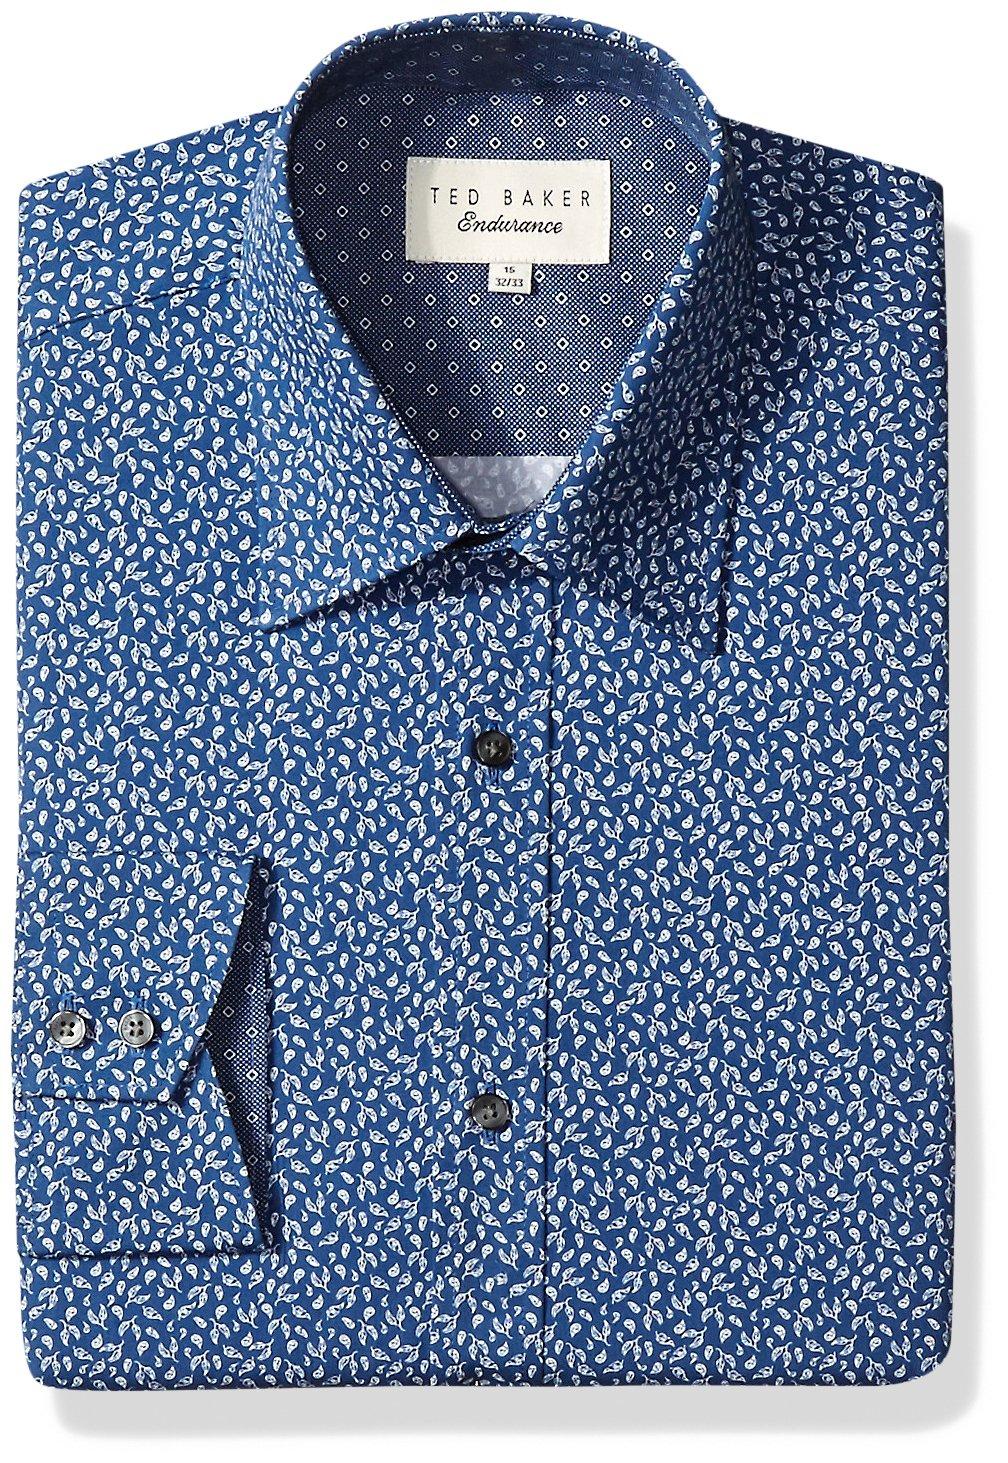 Ted Baker Men's Filmore Dress Shirt, Navy, 15'' Neck 34''-35'' Sleeve